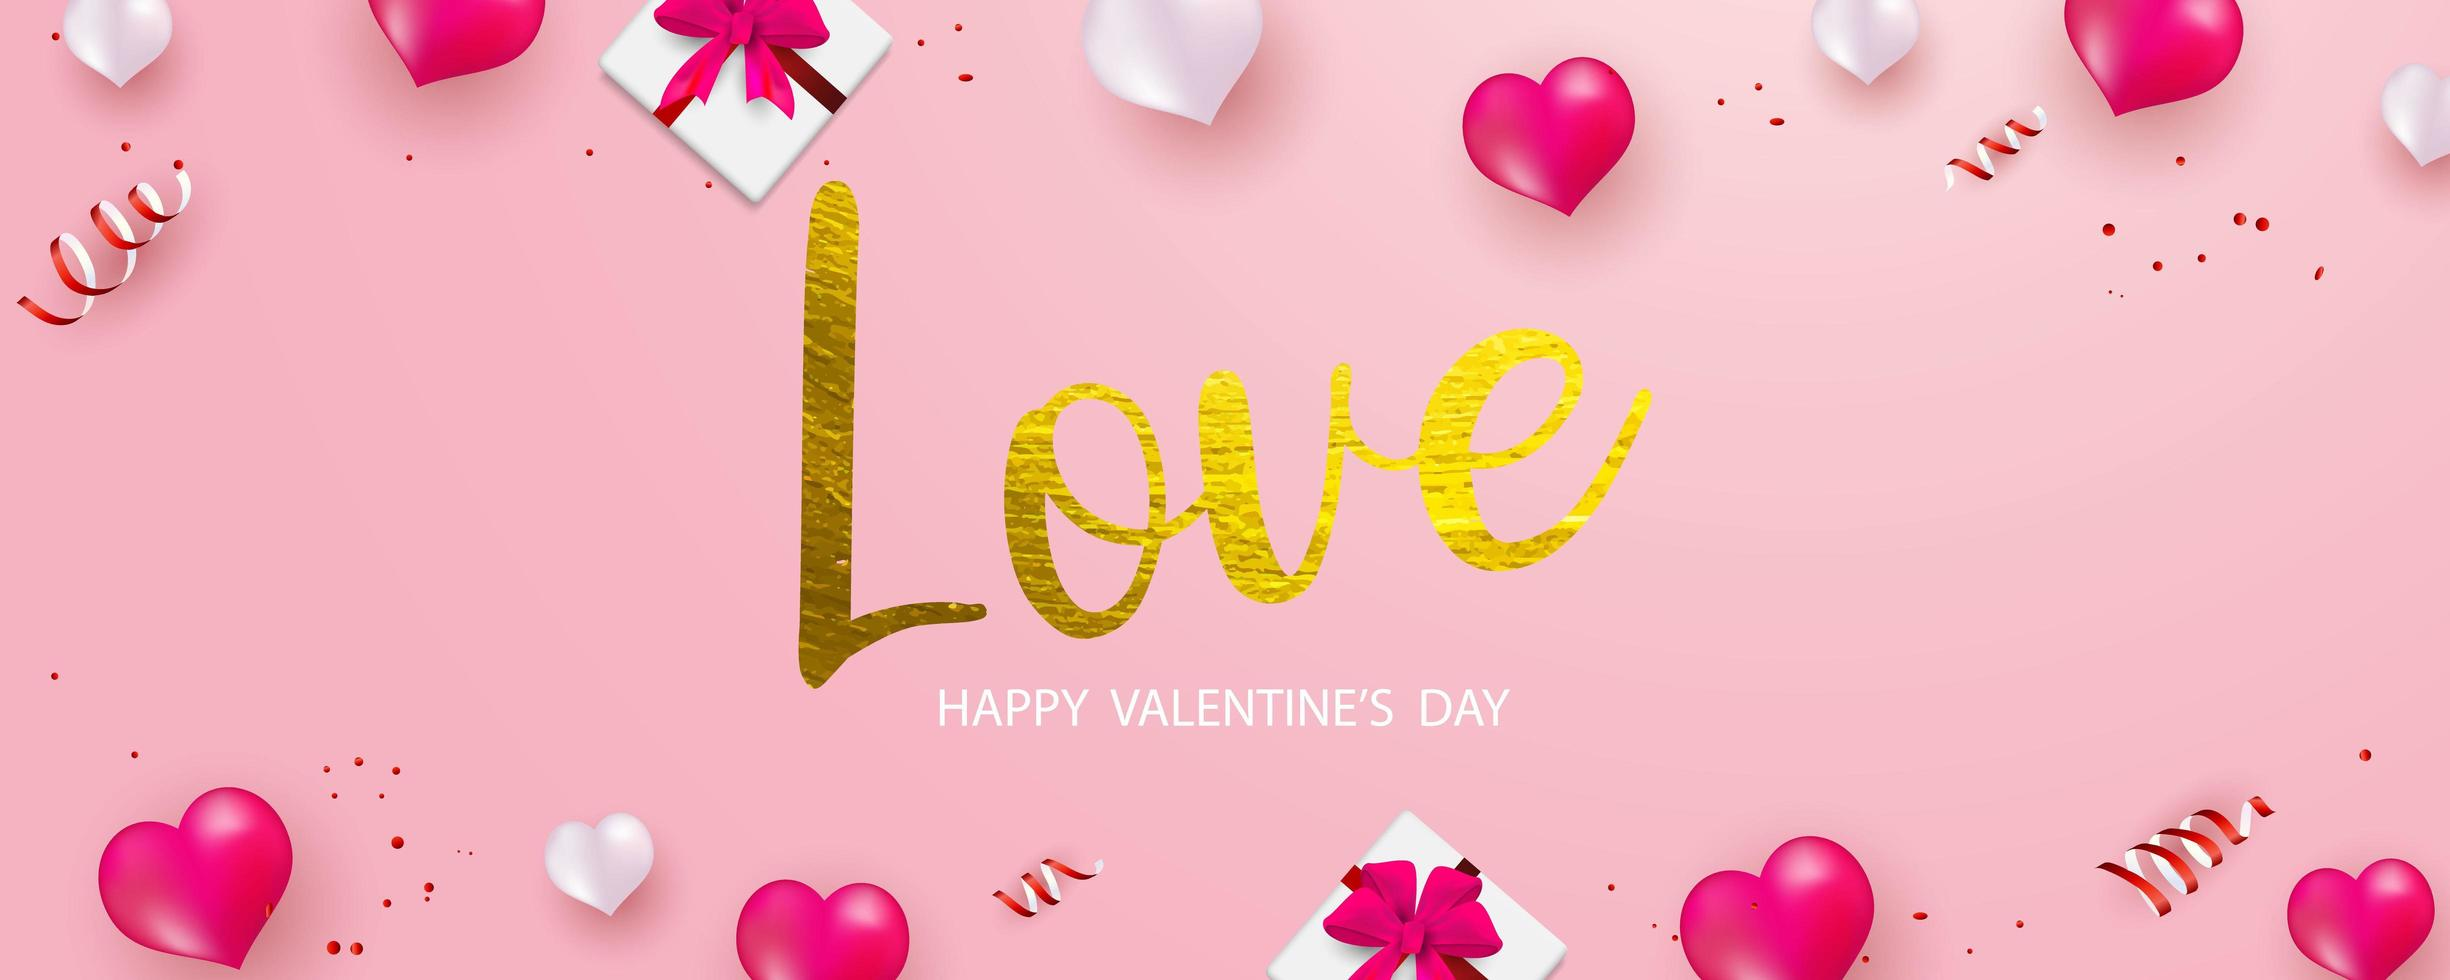 Banner di San Valentino con oro amore testo, confezione regalo, nastri rossi e palloncini cuore